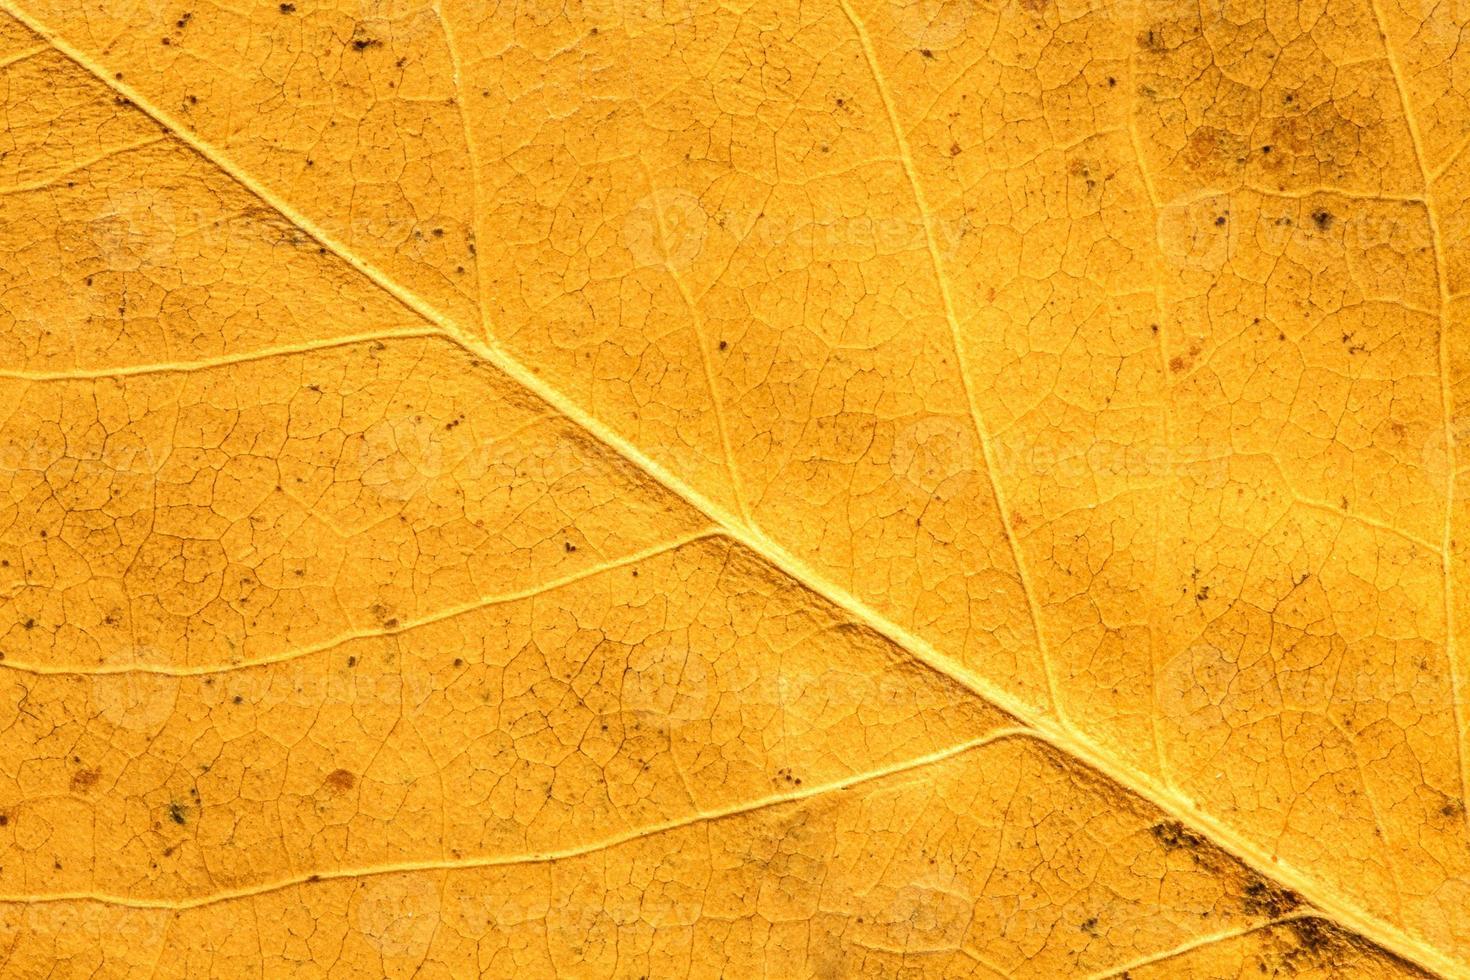 hösten blad på nära håll foto